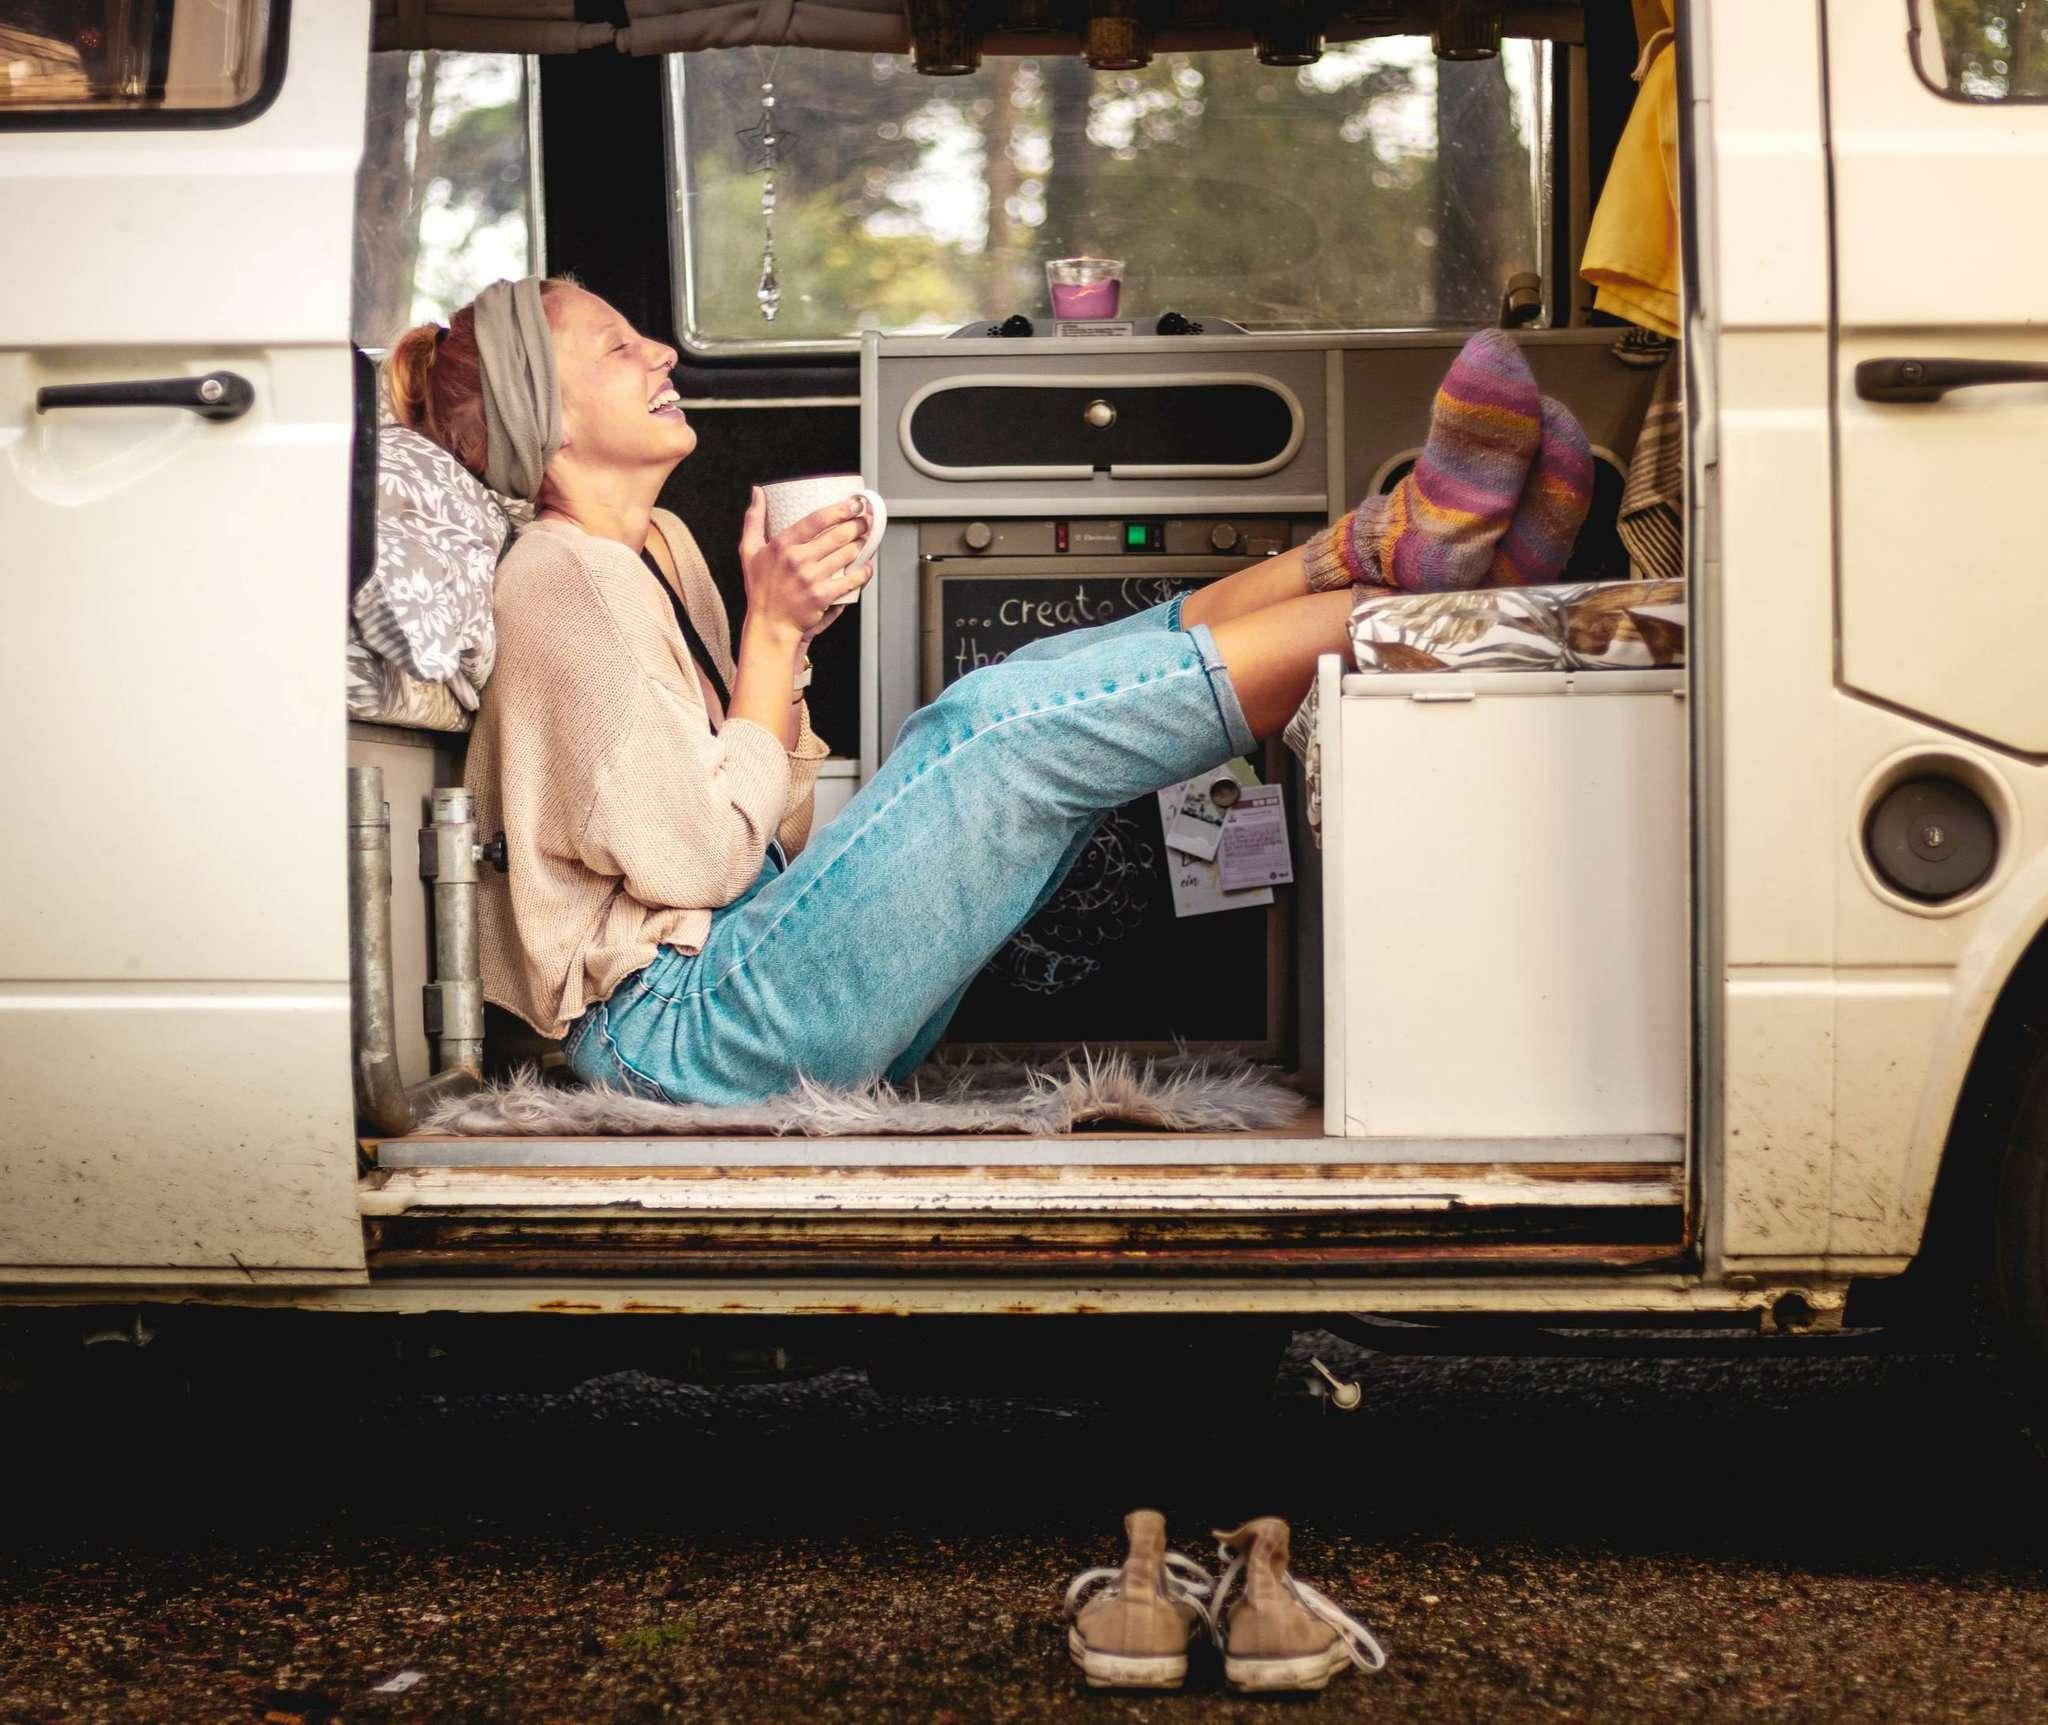 Einer der Lieblingsplätze von Ghina Marie Fricke: Mit einem Heißgetränk ganz entspannt in ihrem VW-Bulli T 3. Foto: Paulo Andre de Sousa Esteves da Silva